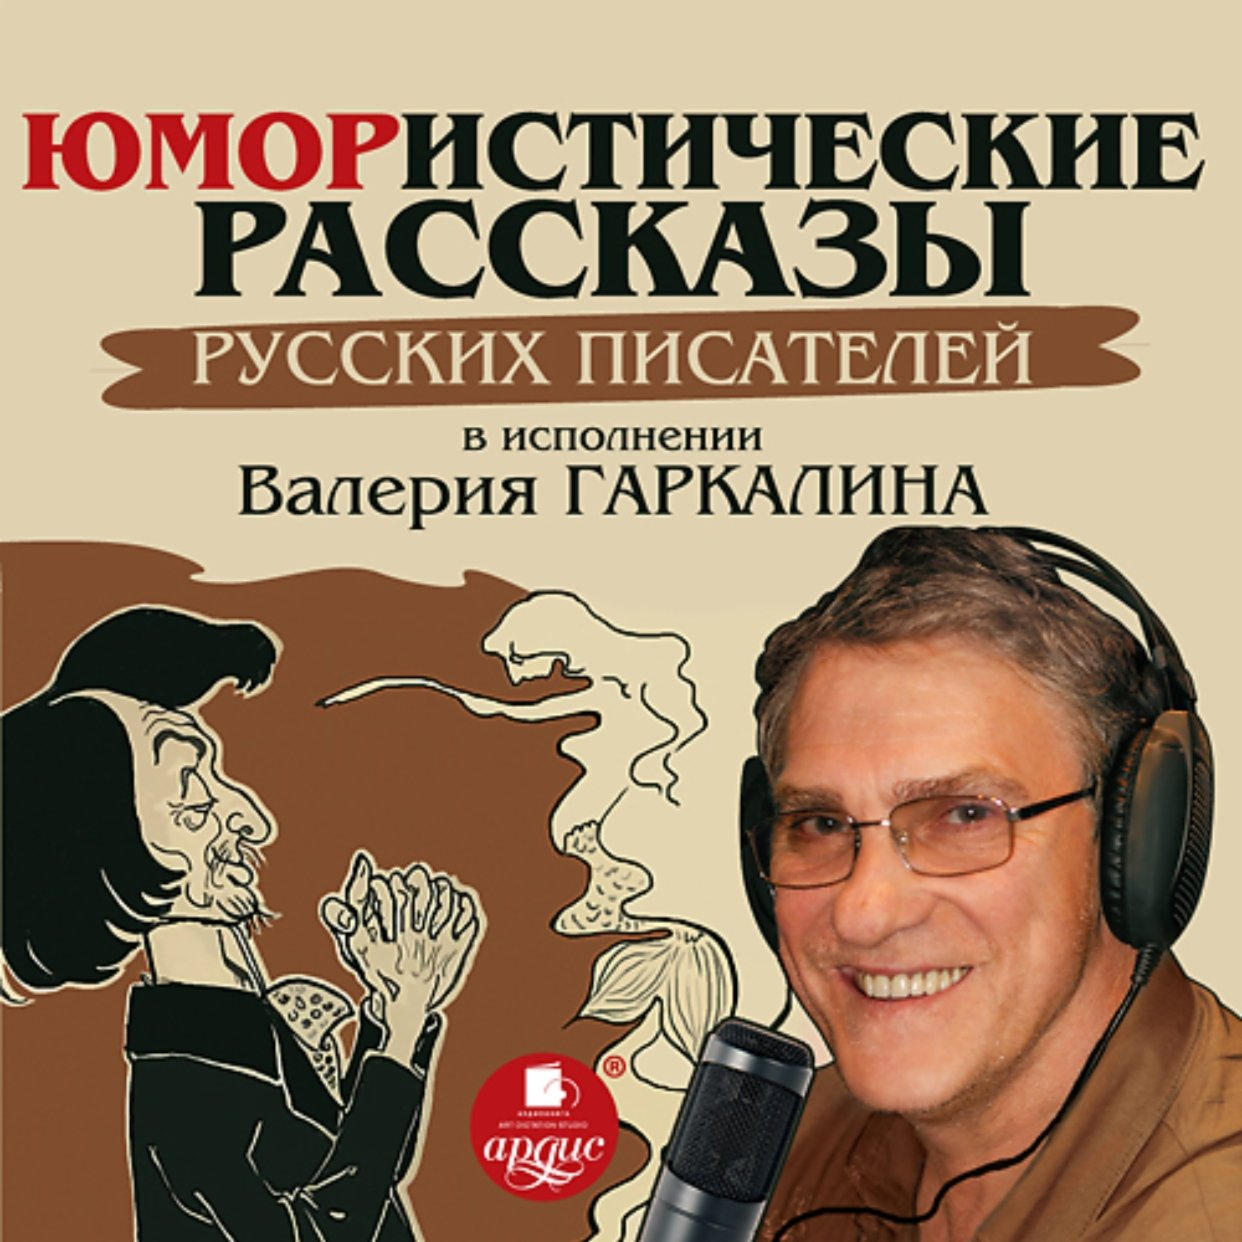 Юмористические рассказы русских писателей в исполнении Валерия Гаркалина